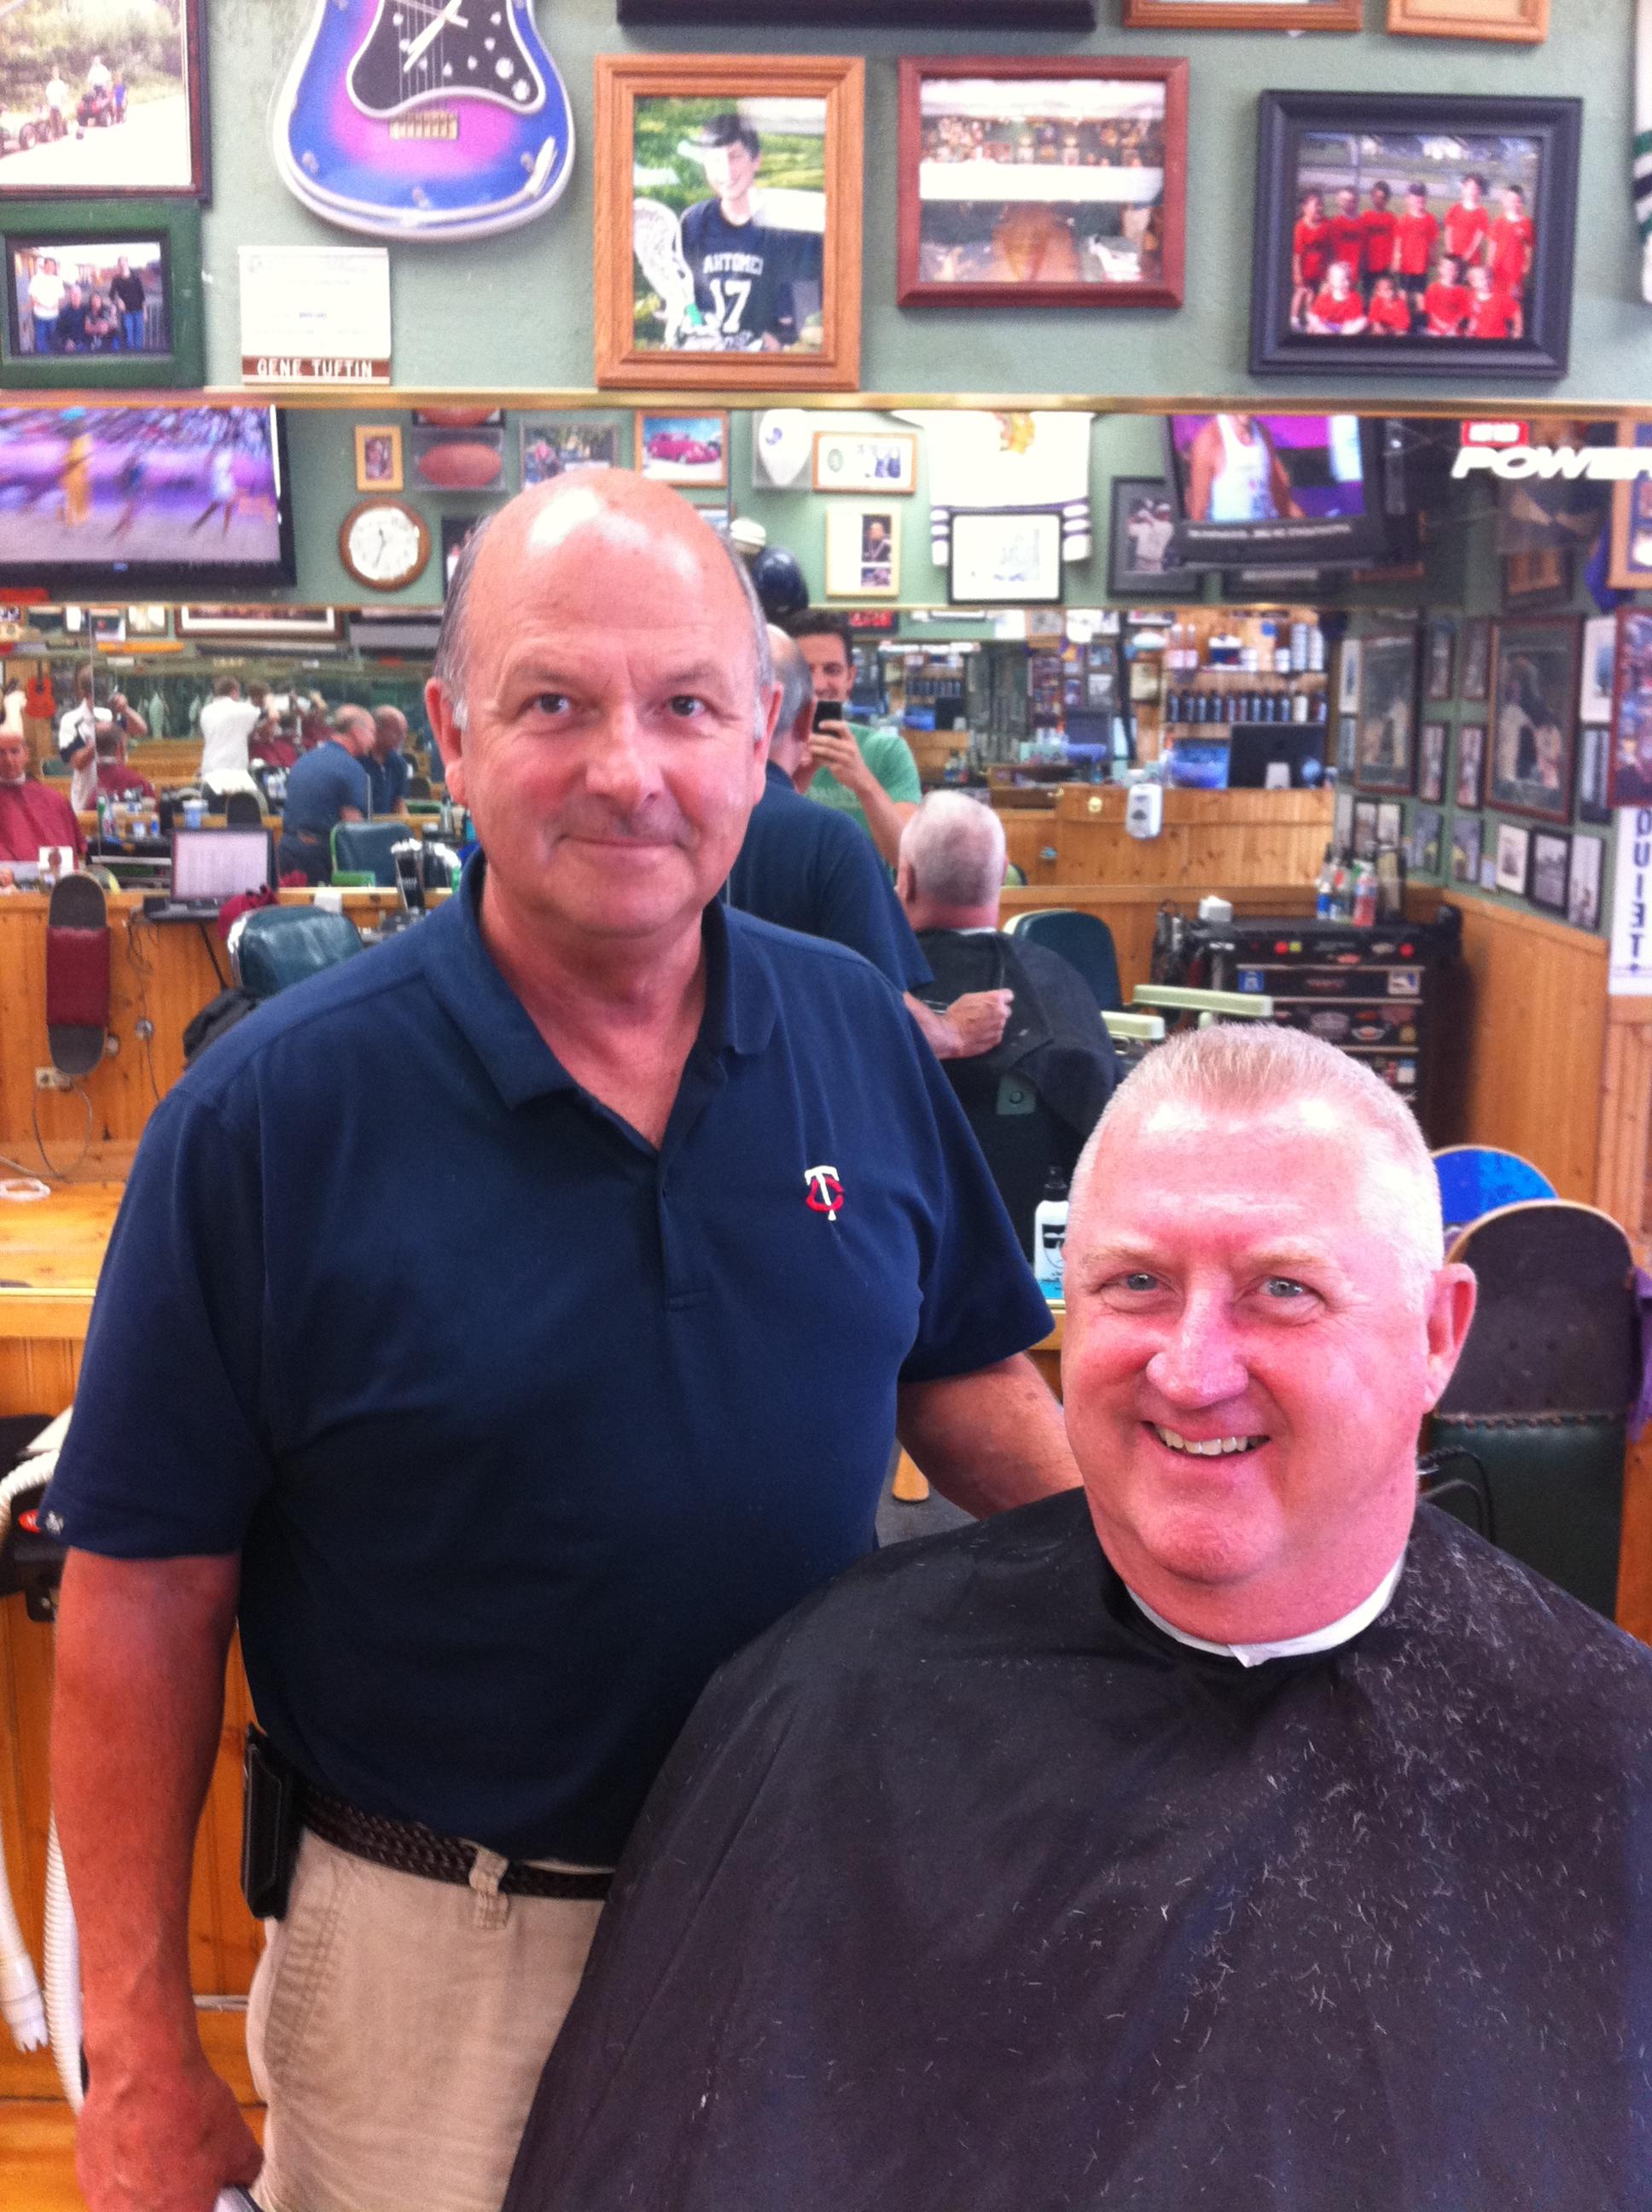 Dick at Dick's Barbers Edina Barbershop